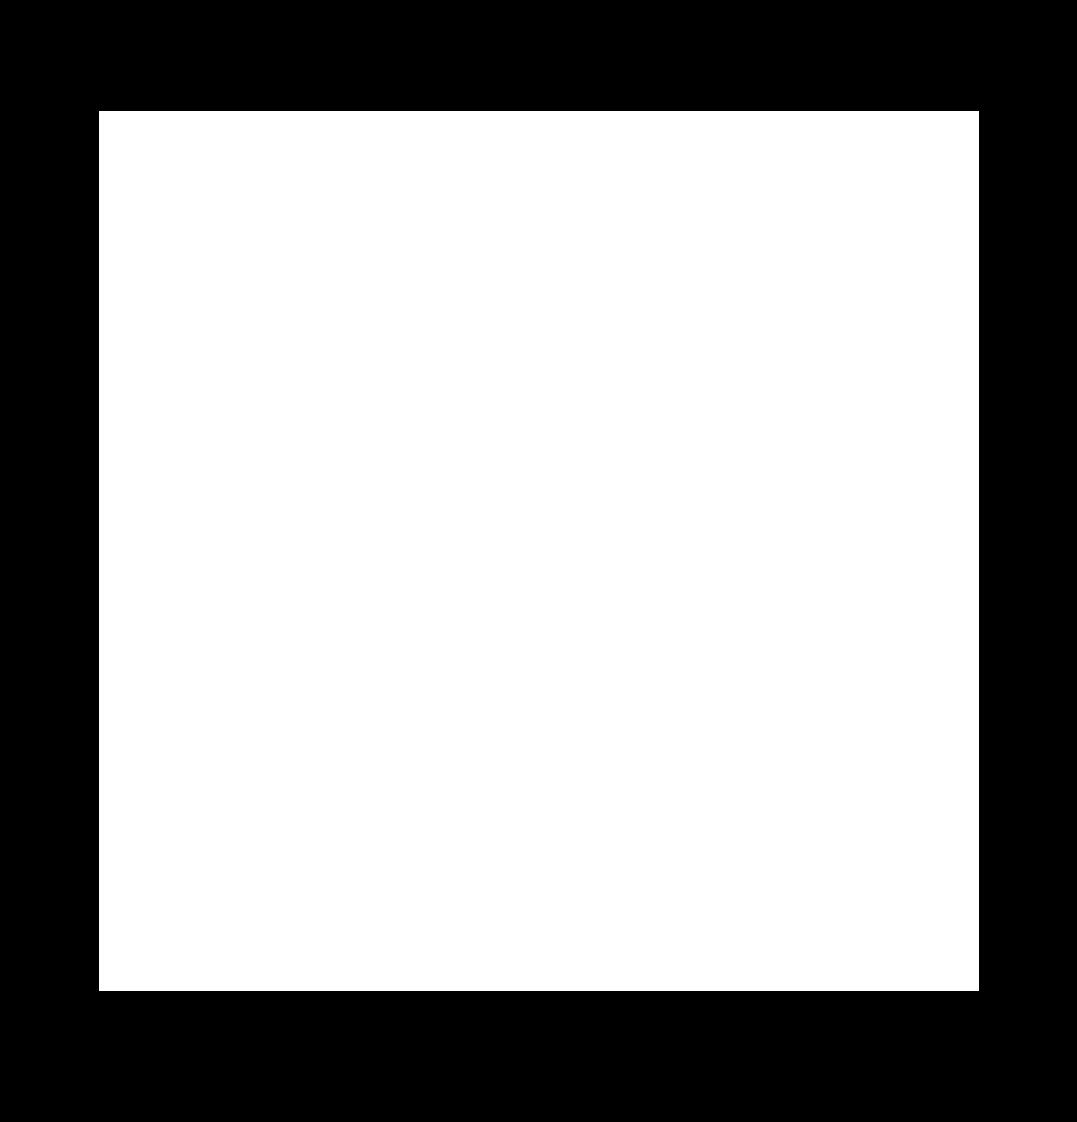 Gambar Segiempat 44x44